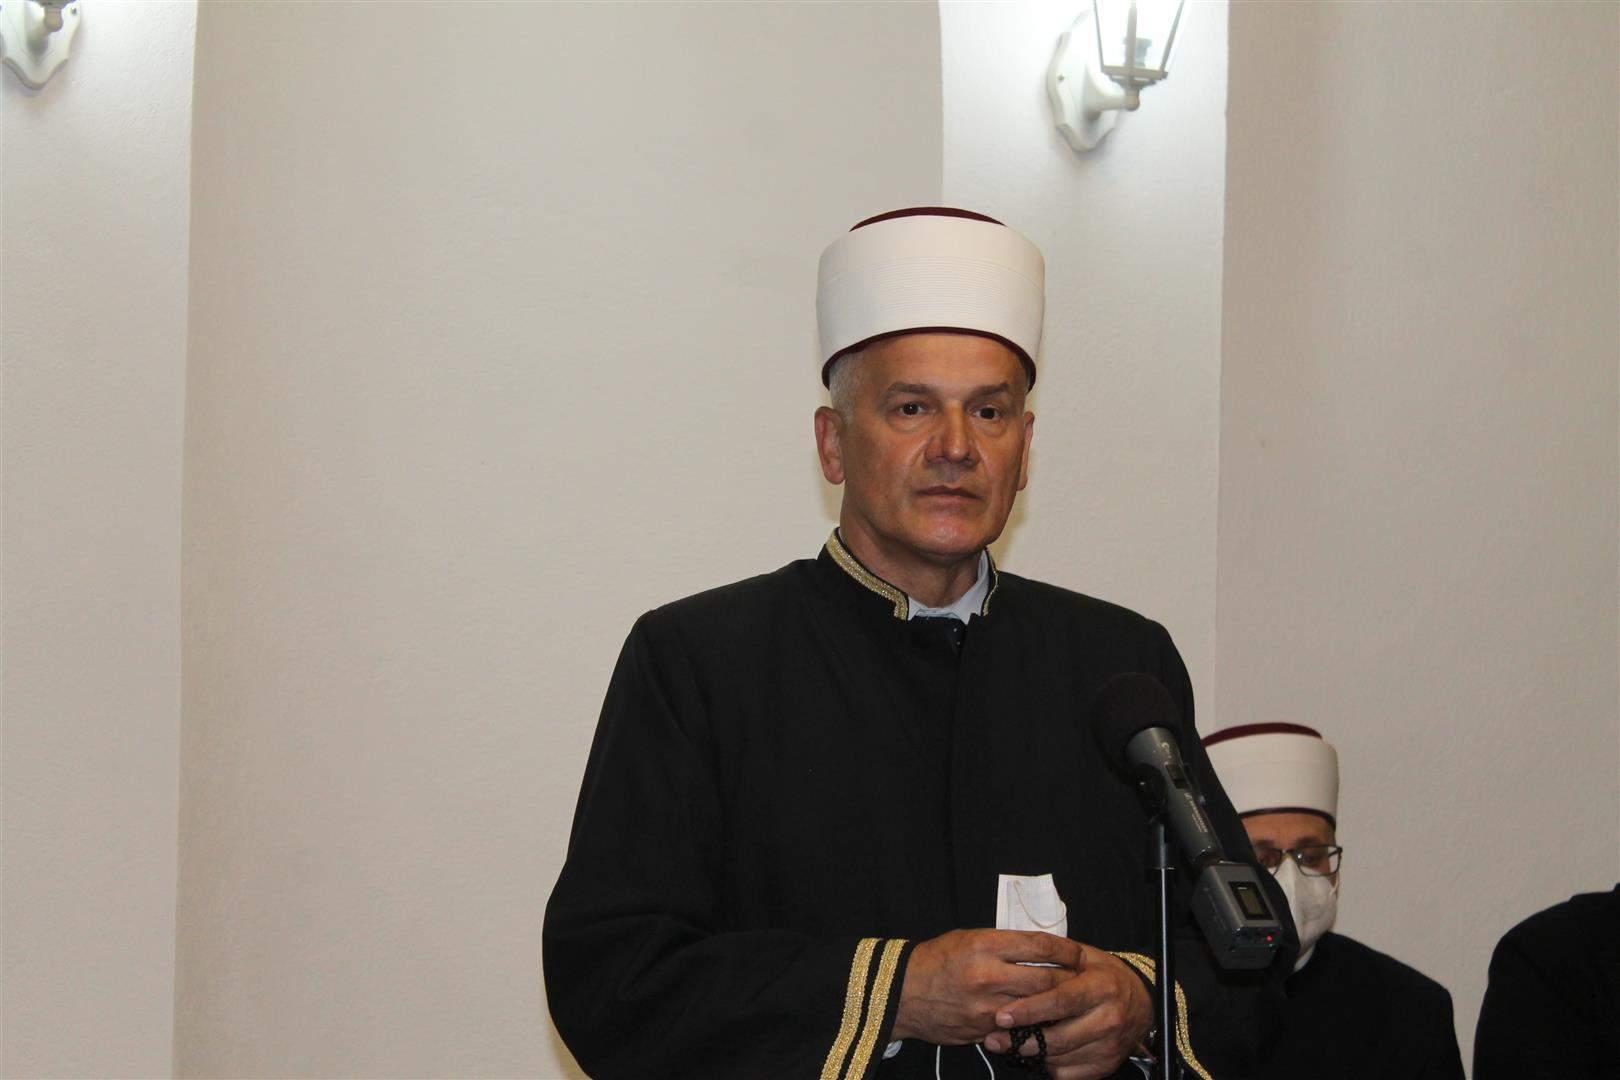 IMG_1006.JPG - Centralni program Islamske zajednice povodom Fetha Mekke održan u Gradskoj kod Ljubuškog